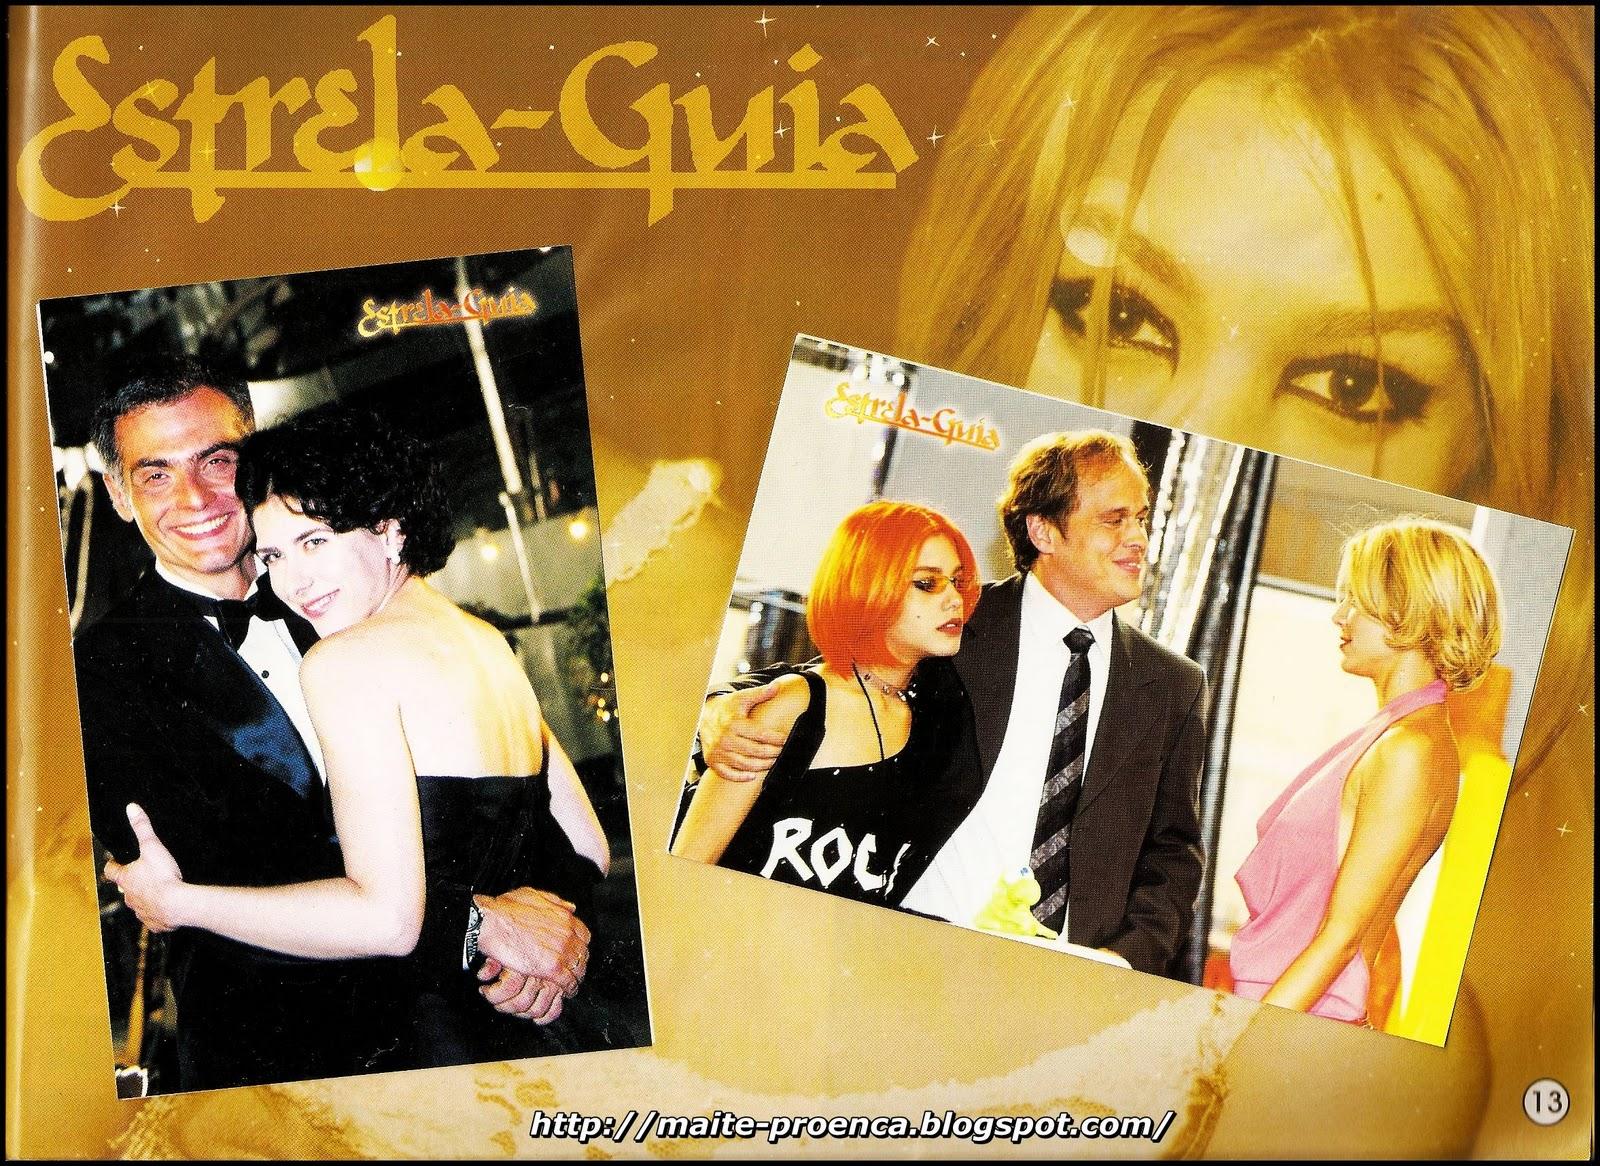 691+2001+Estrela+Guia+Album+(14).jpg